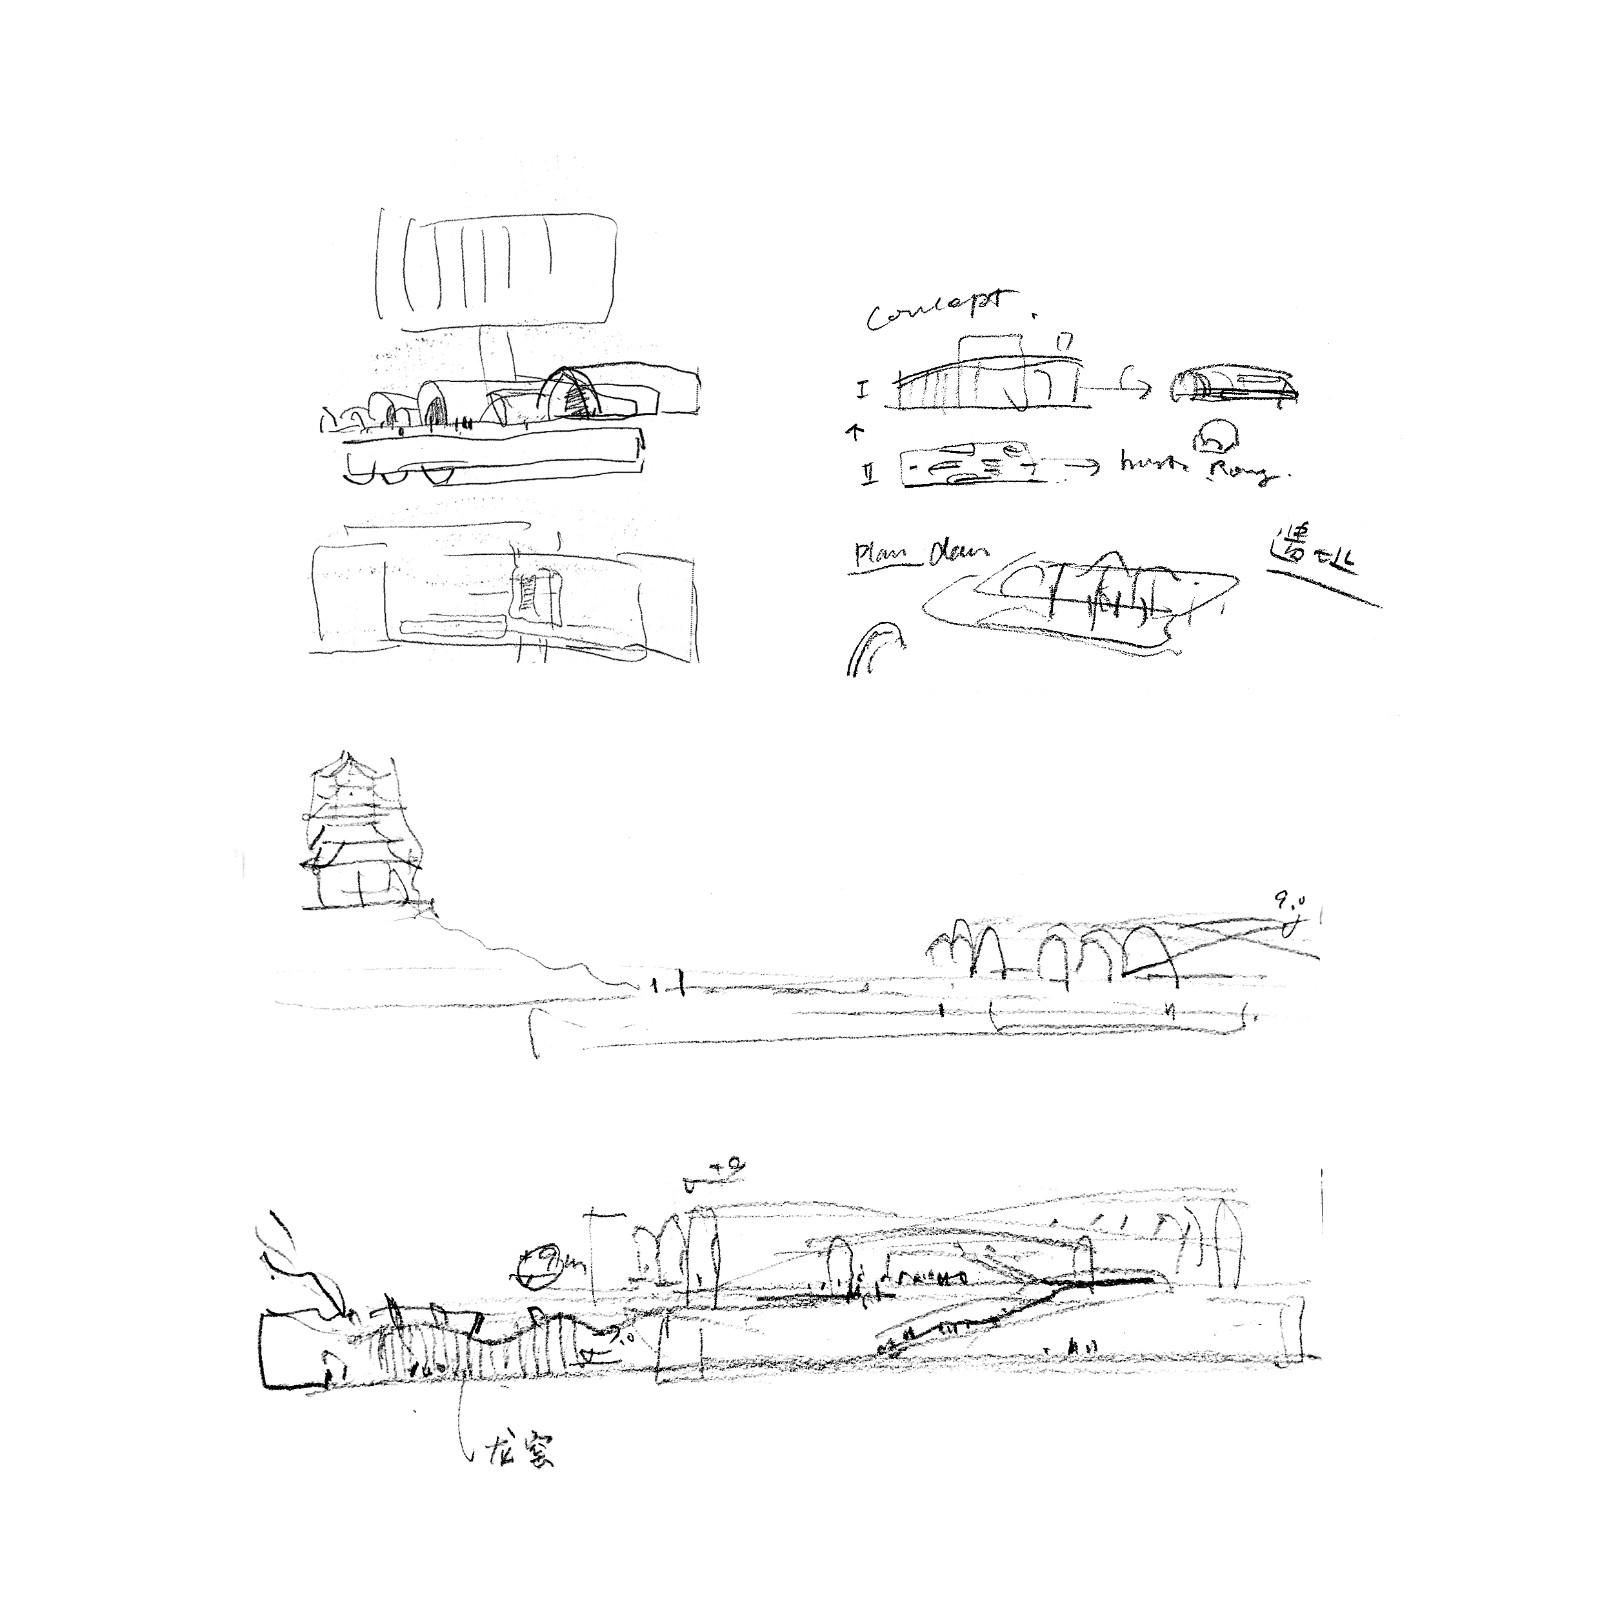 06-朱锫-御窑博物馆手稿,2016©朱锫.jpg